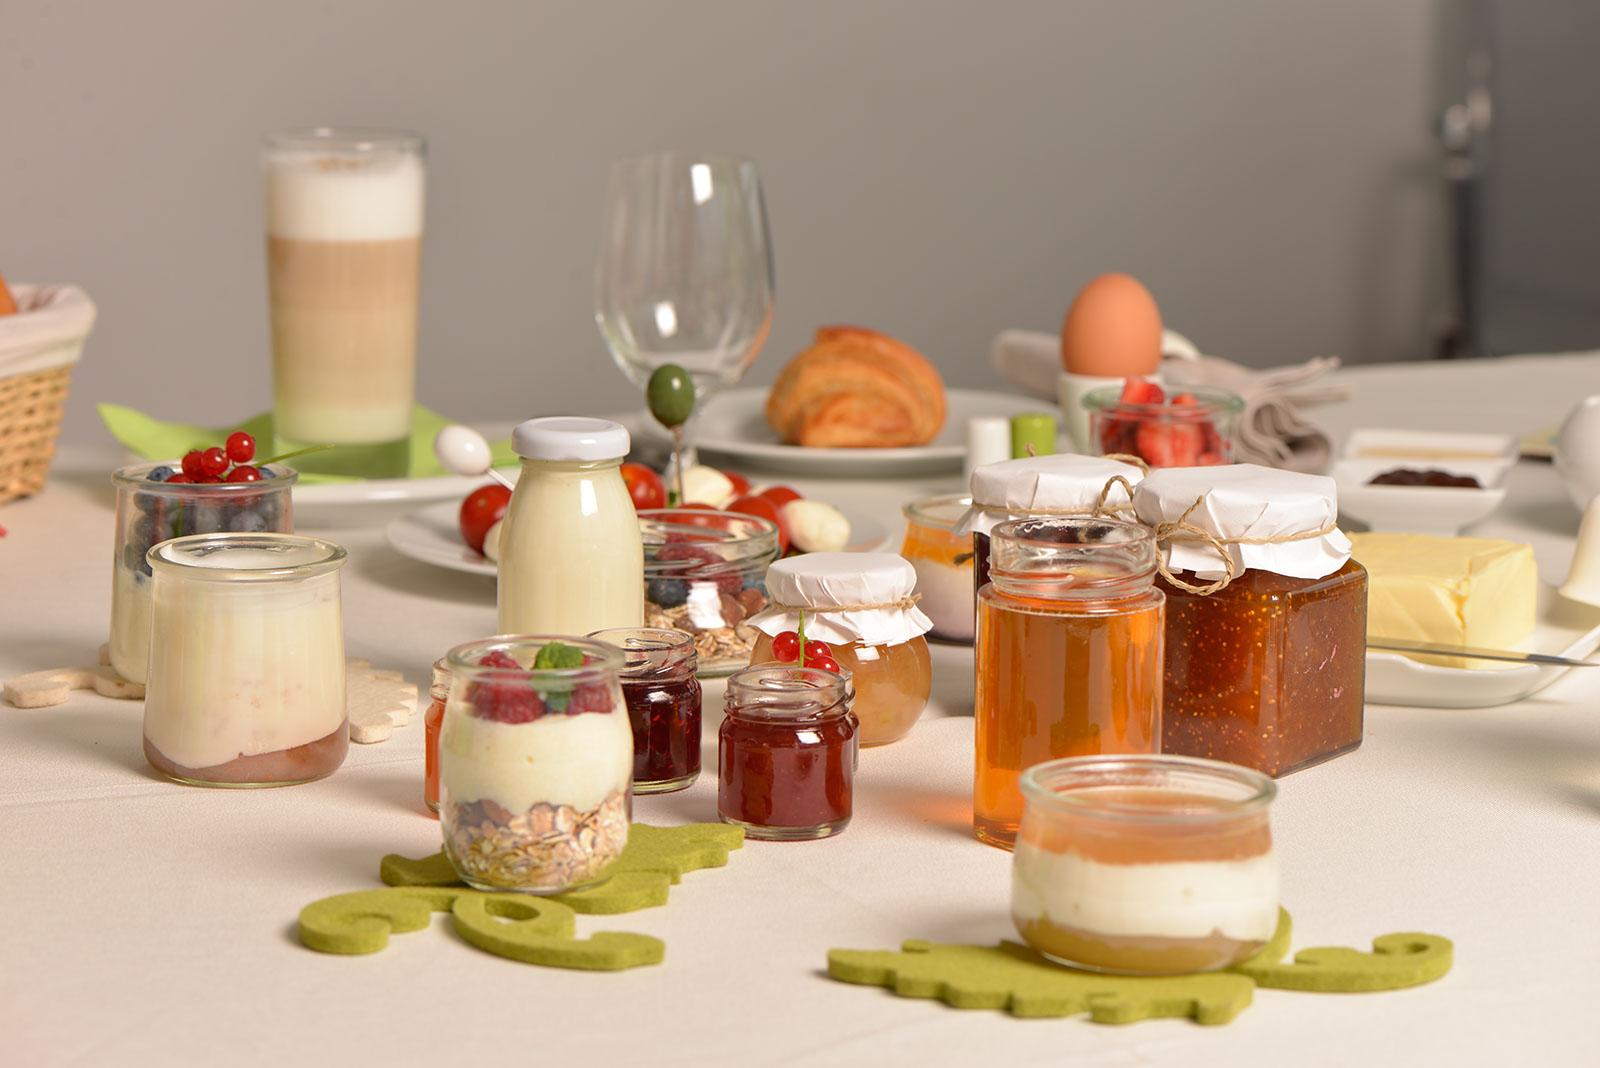 Ein gedeckter Tisch: Honig, Marmelade, Joghurt und andere Köstlichkeiten in Glasverpackungen aden zum Frühstück ein.